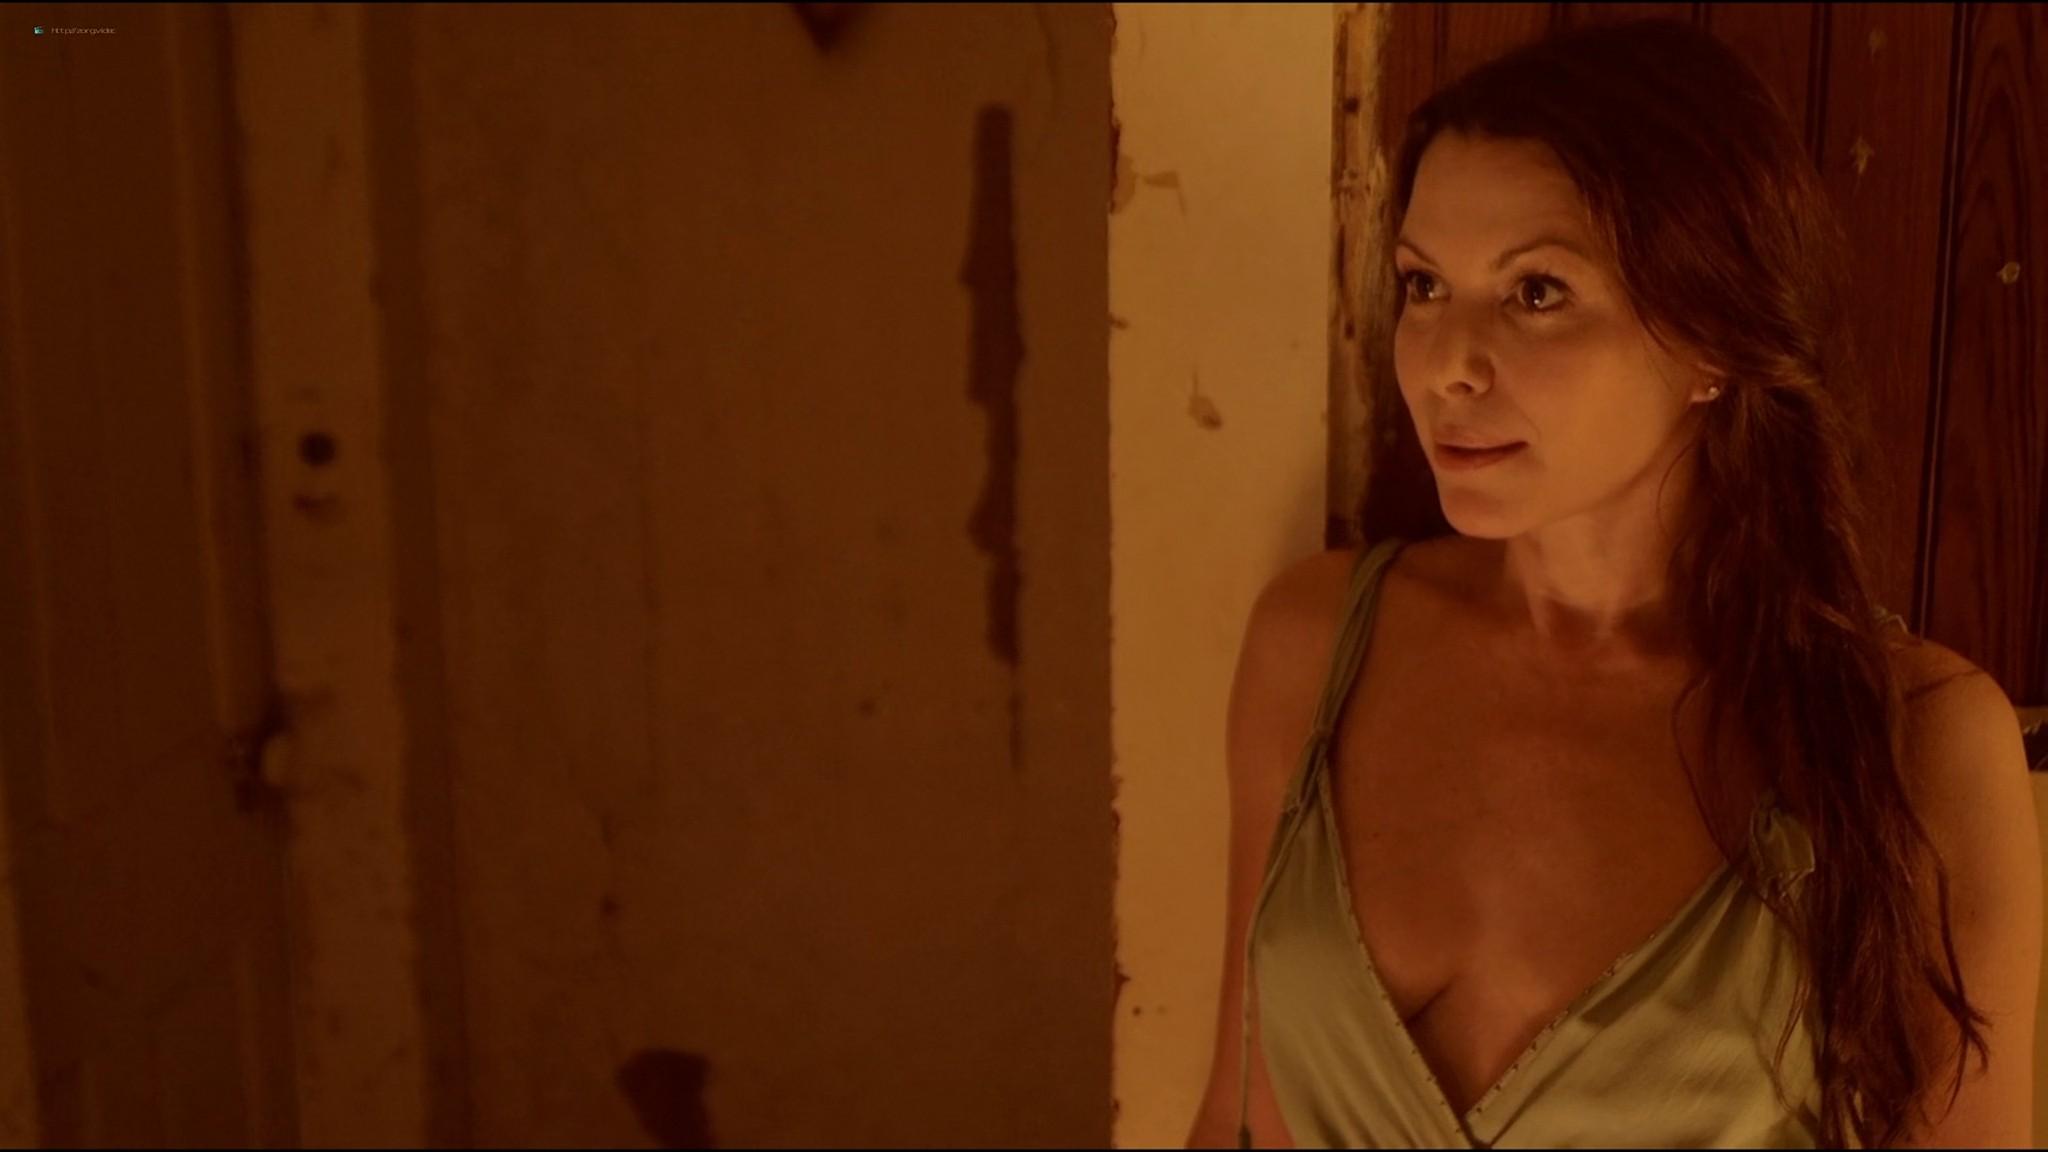 Kari Wuhrer nude Mia Serafino, Mary Anthony sexy - Secrets of a Psychopath (2013) HD 1080p Web (16)